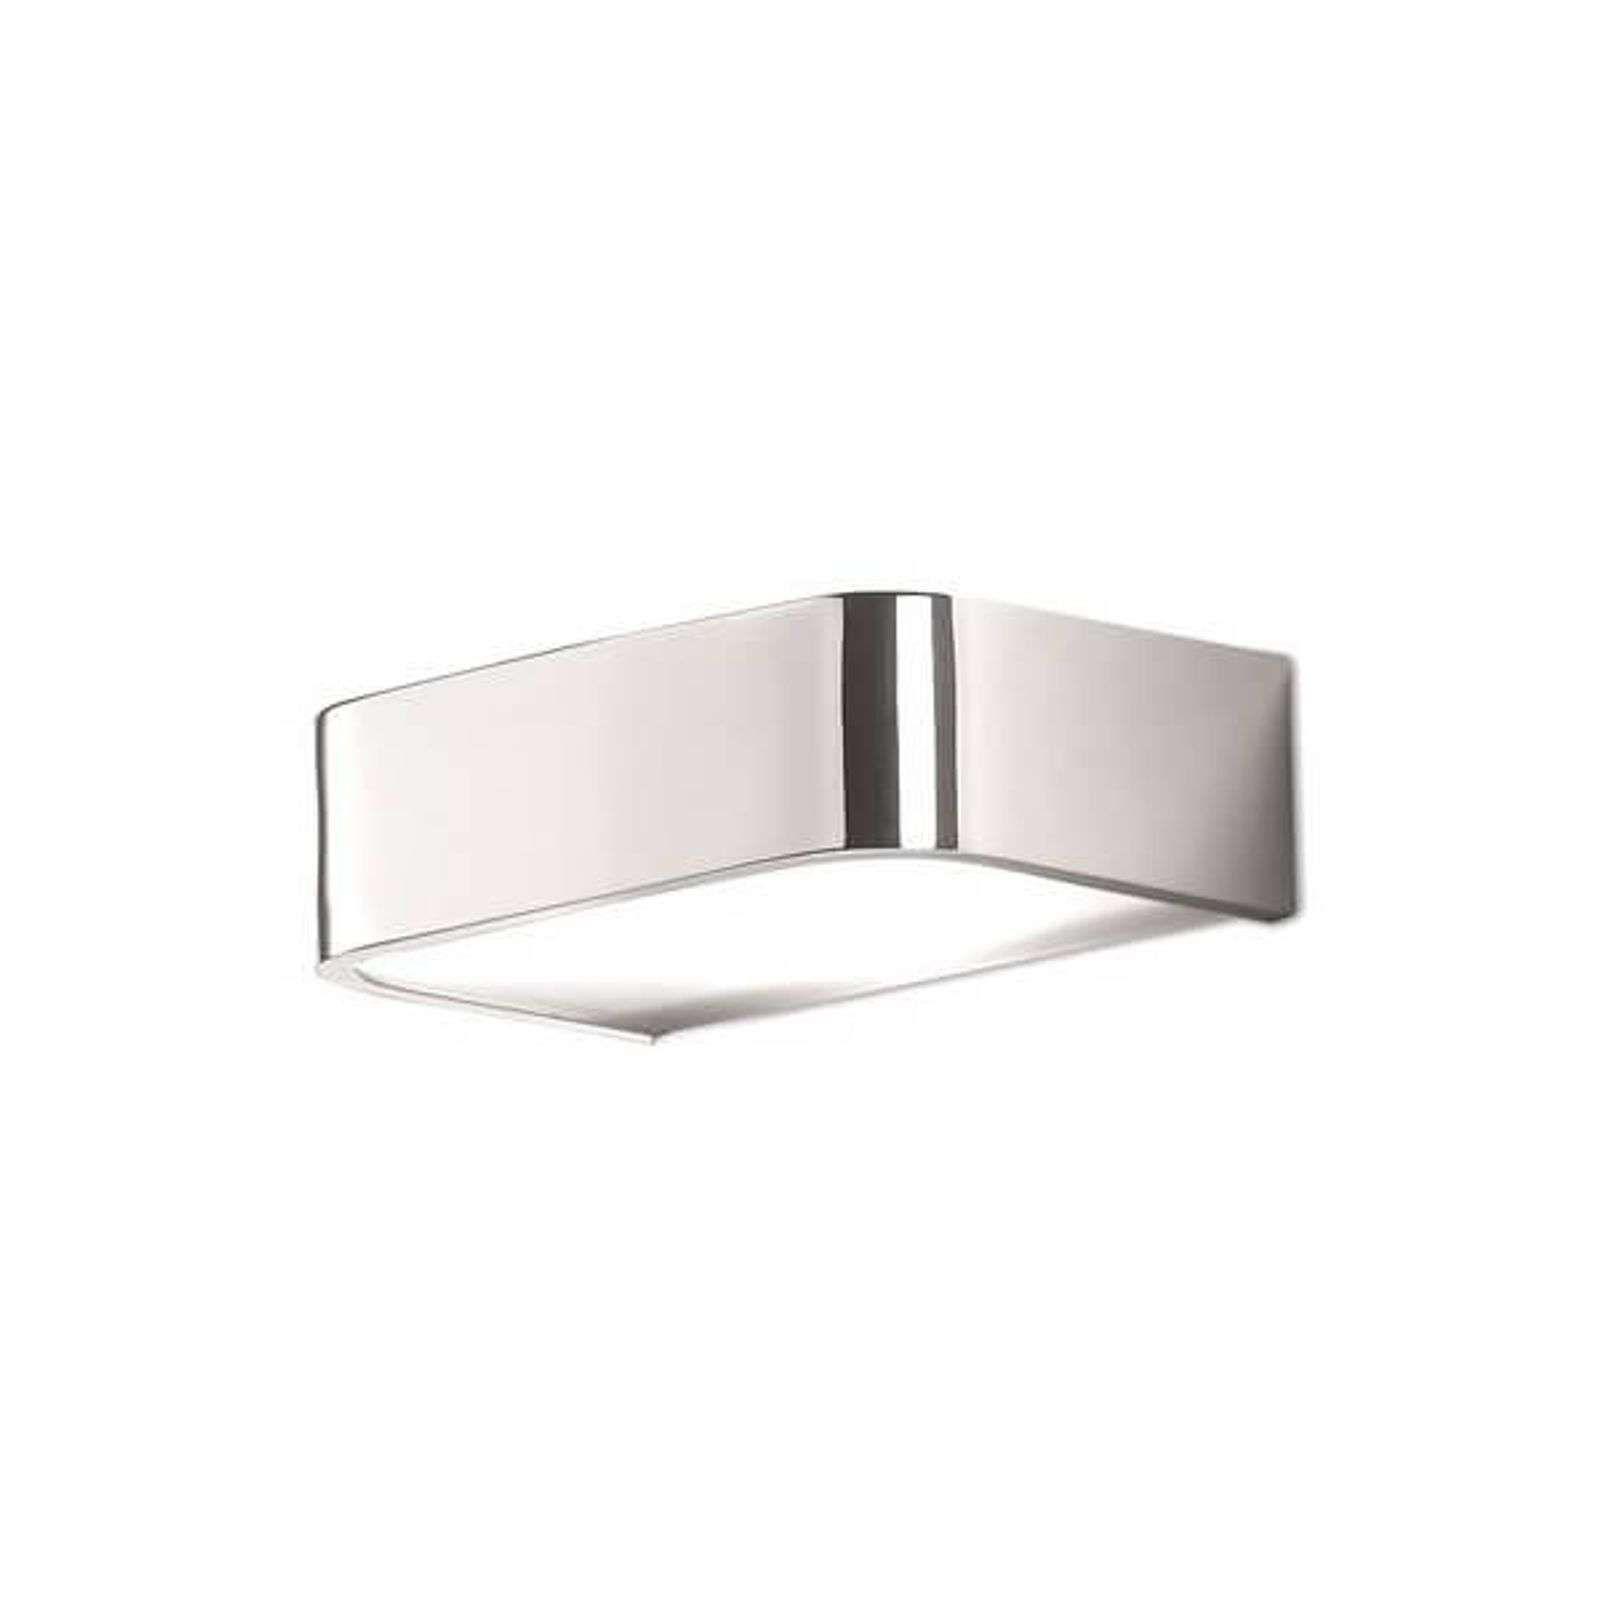 Arcos Badkamerwandlamp Met Led 15 Cm Chroom Van Pujol In 2020 Muurverlichting Led Badkamer Wandlamp